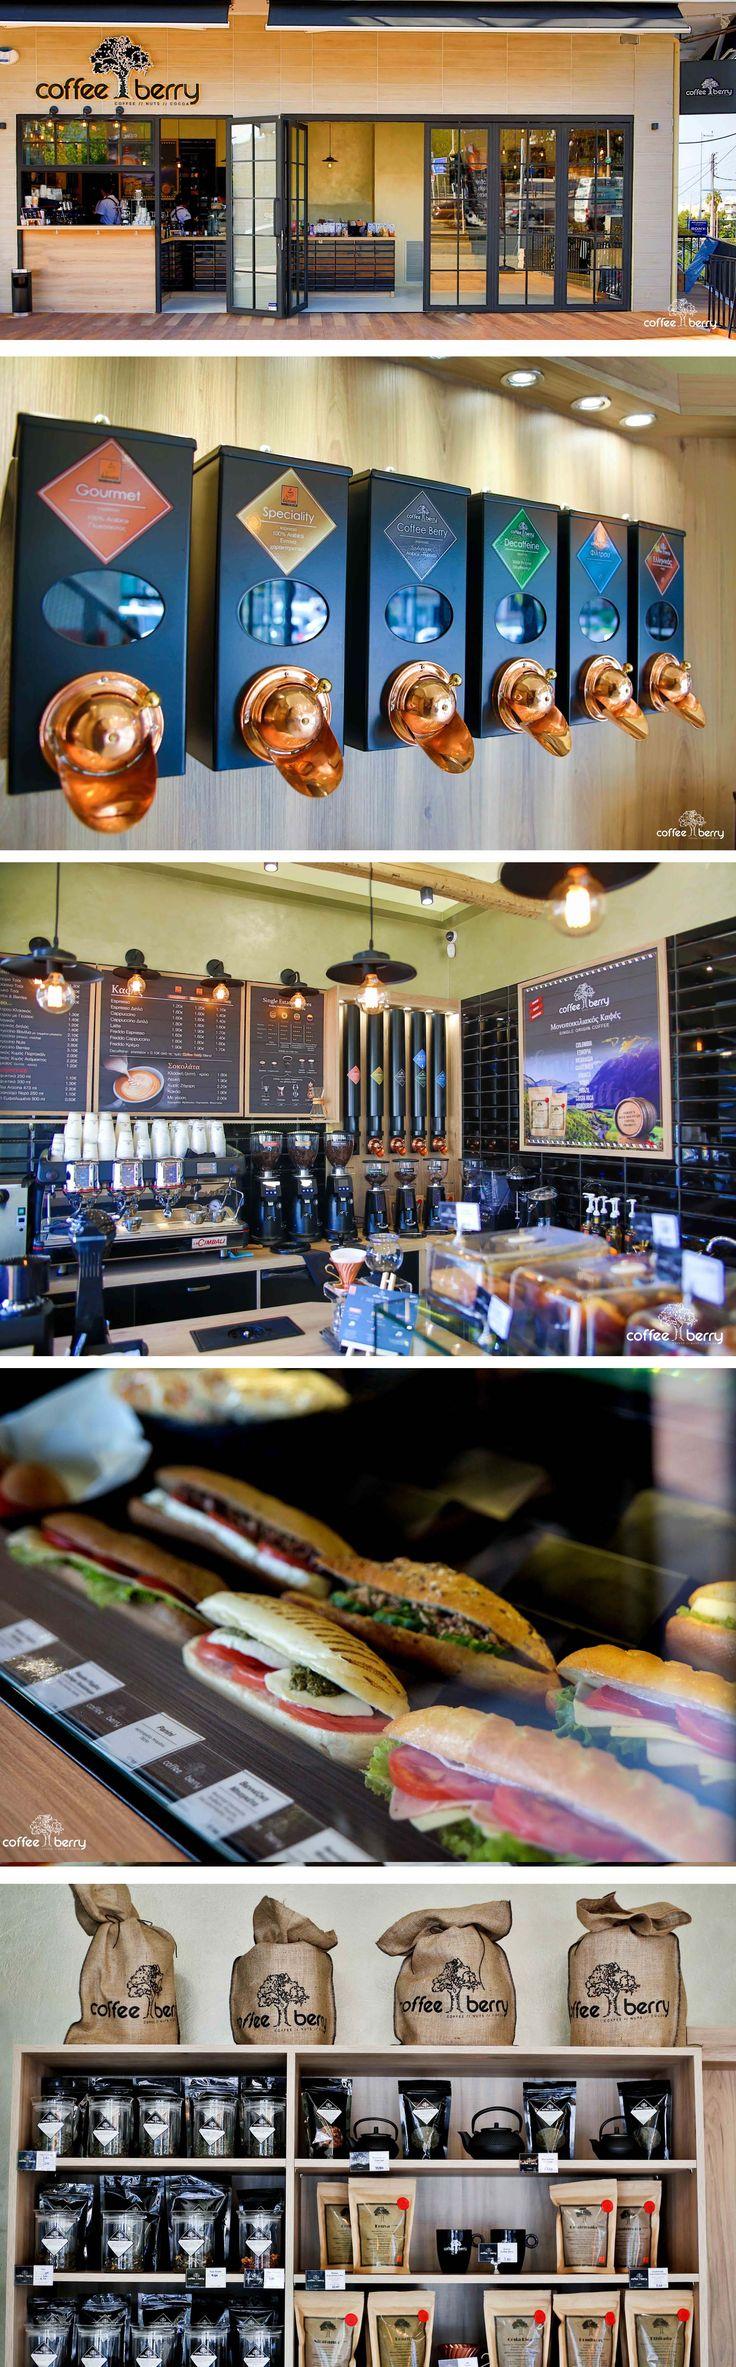 Το νέο Coffee Berry στην Αργυρούπολη άνοιξε τις πόρτες του και σερβίρει στο κοινό τους μοναδικούς speciality coffee του!